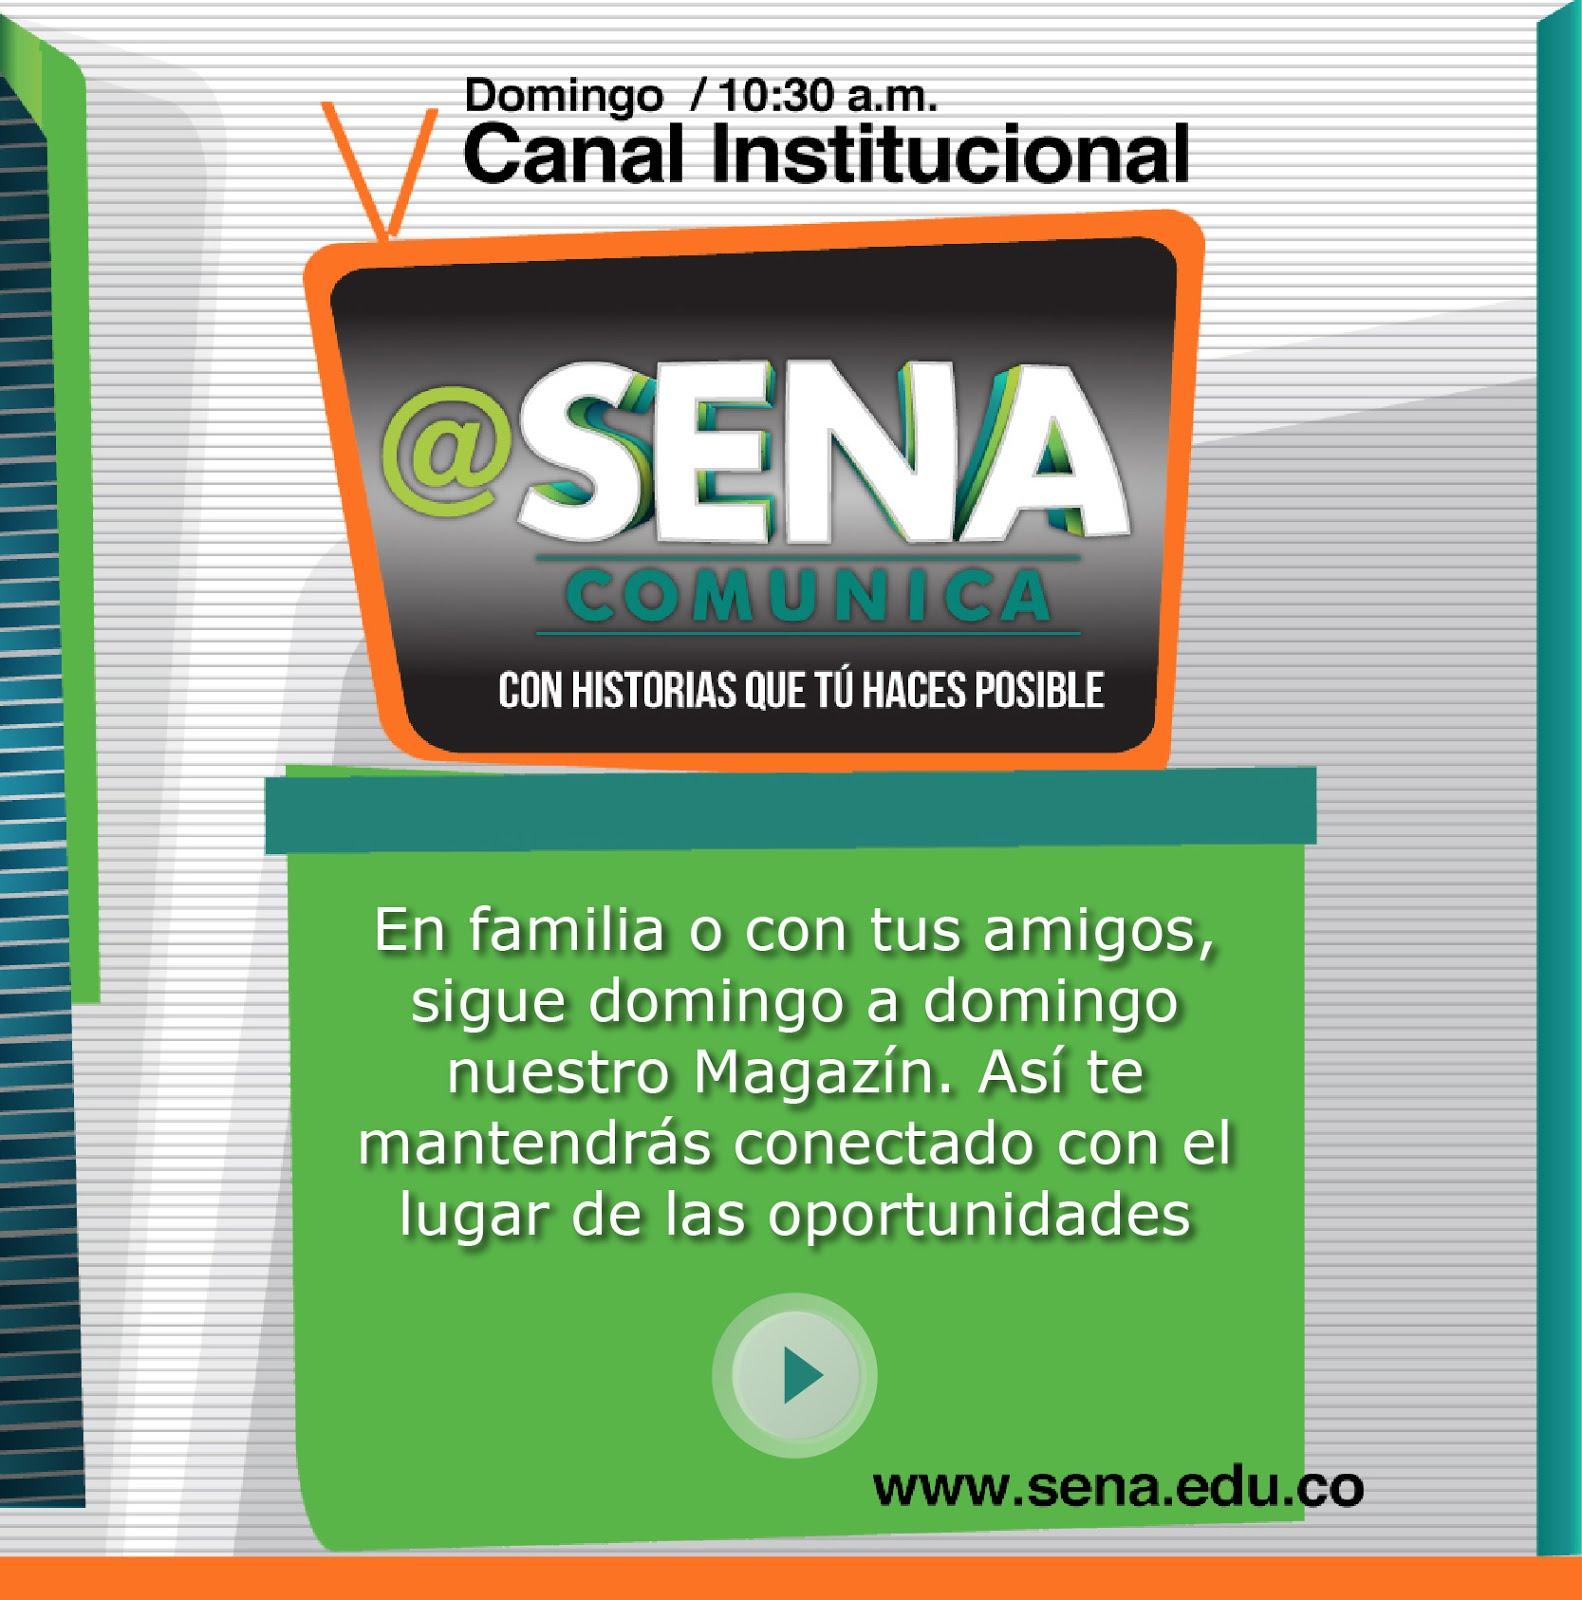 Sena_Comunica